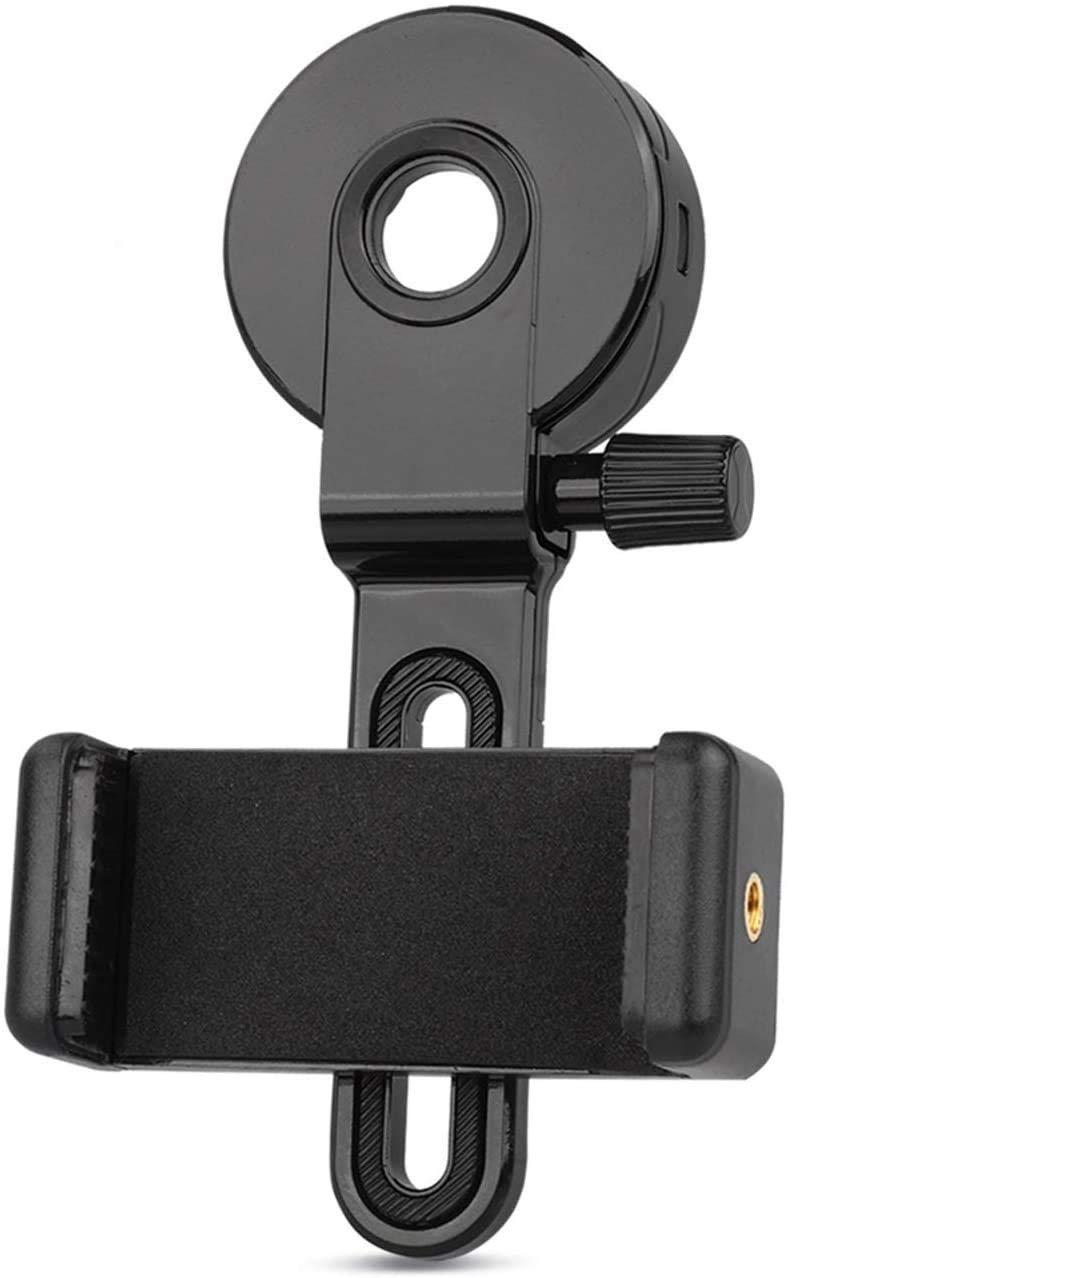 QMEET Telescope Cell Phone Adapter Mount | Smartphone Adapter for Telescope | Spotting Scope Phone Adapter | Telescope Phone Mount | Monocular Telescope Adapter.…